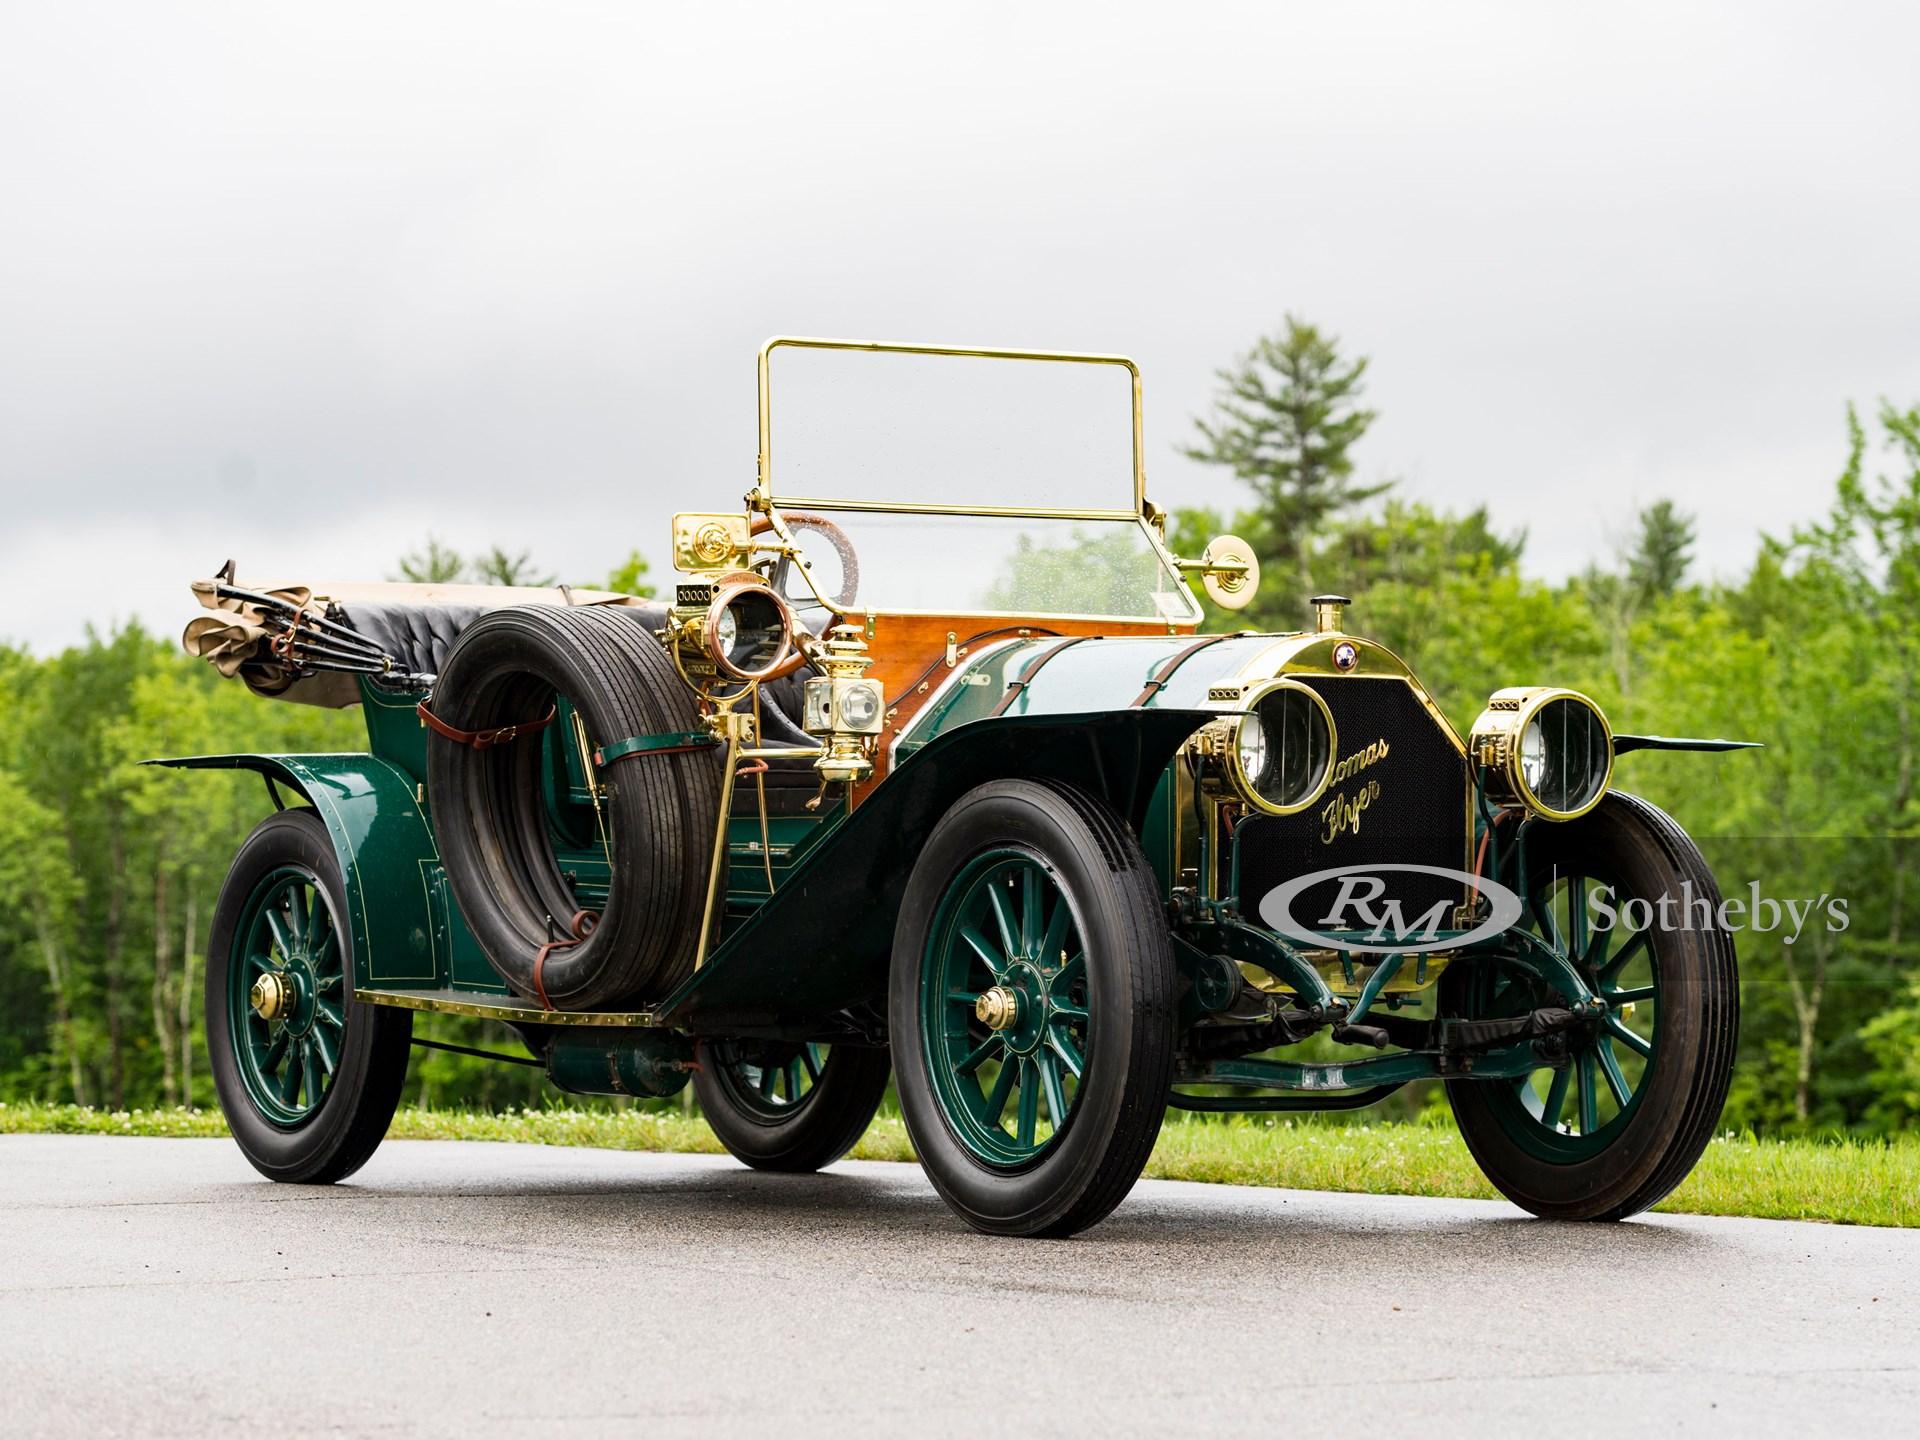 1910 トーマス モデル M-6-40 フライアバウト